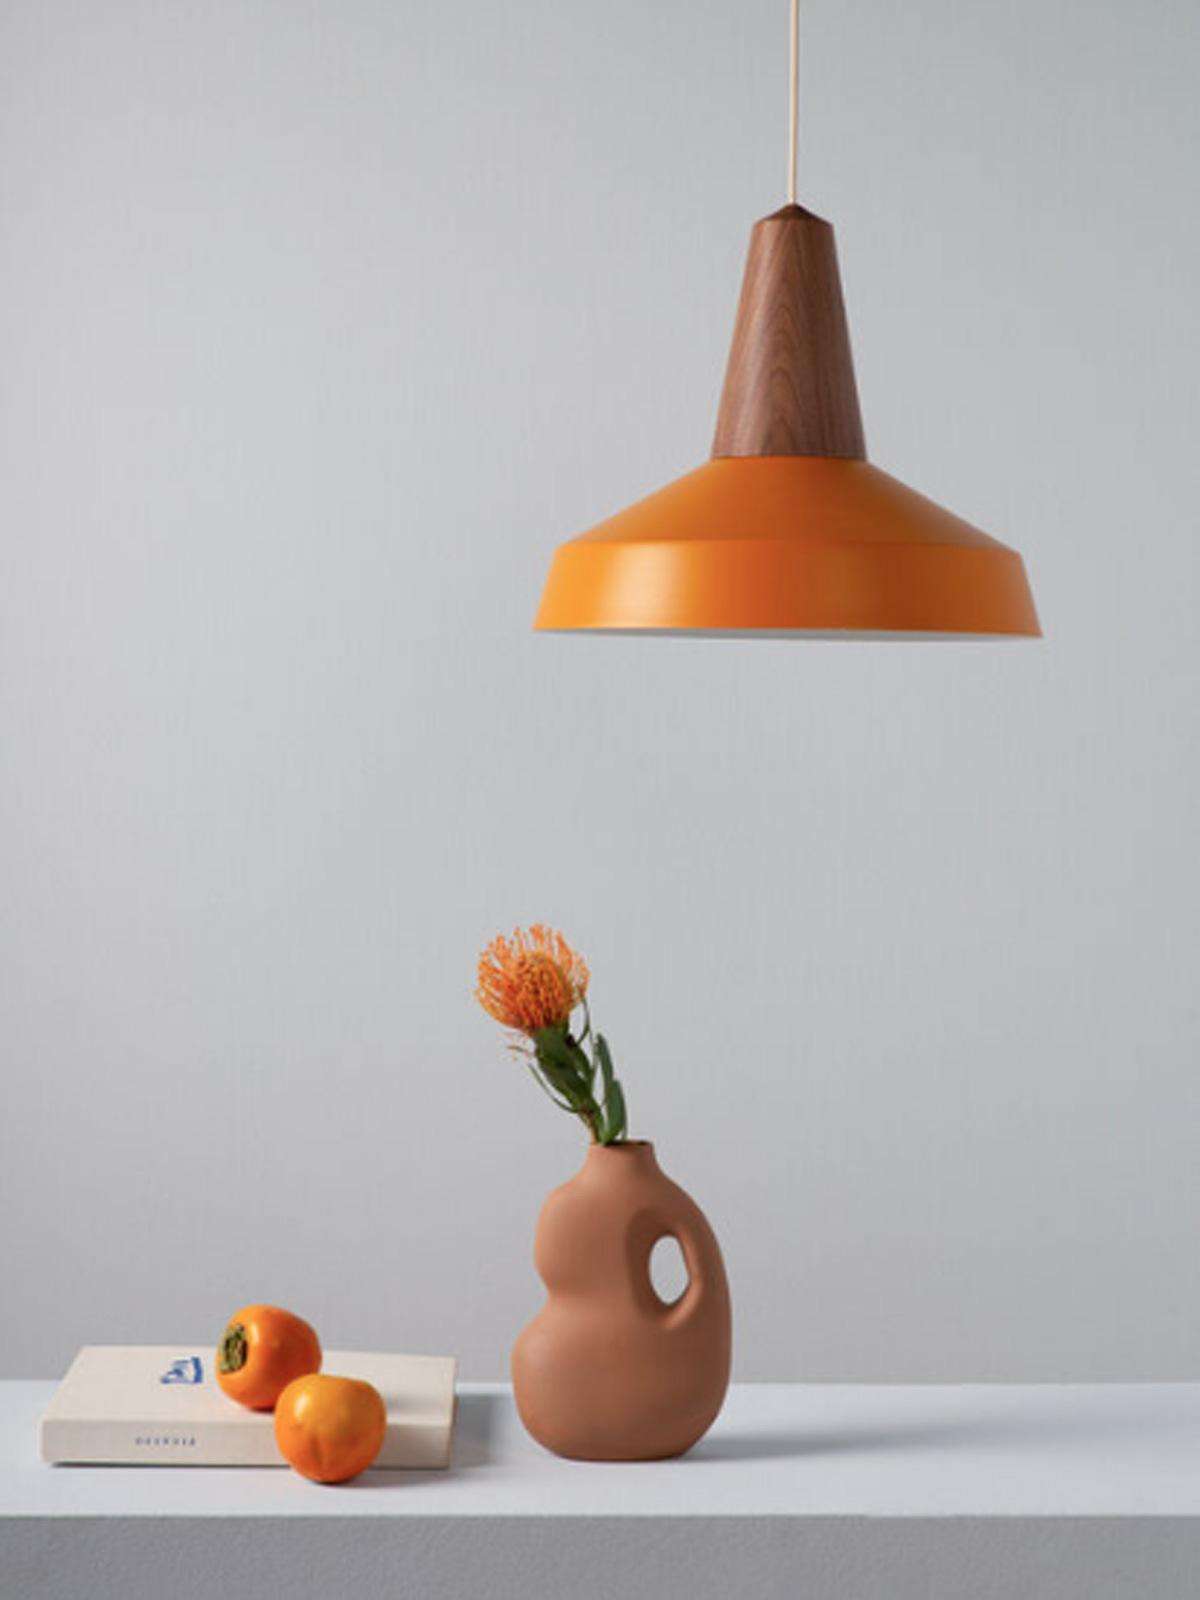 Schneid Designerleuchte Eikon Shell DesignOrt Berlin